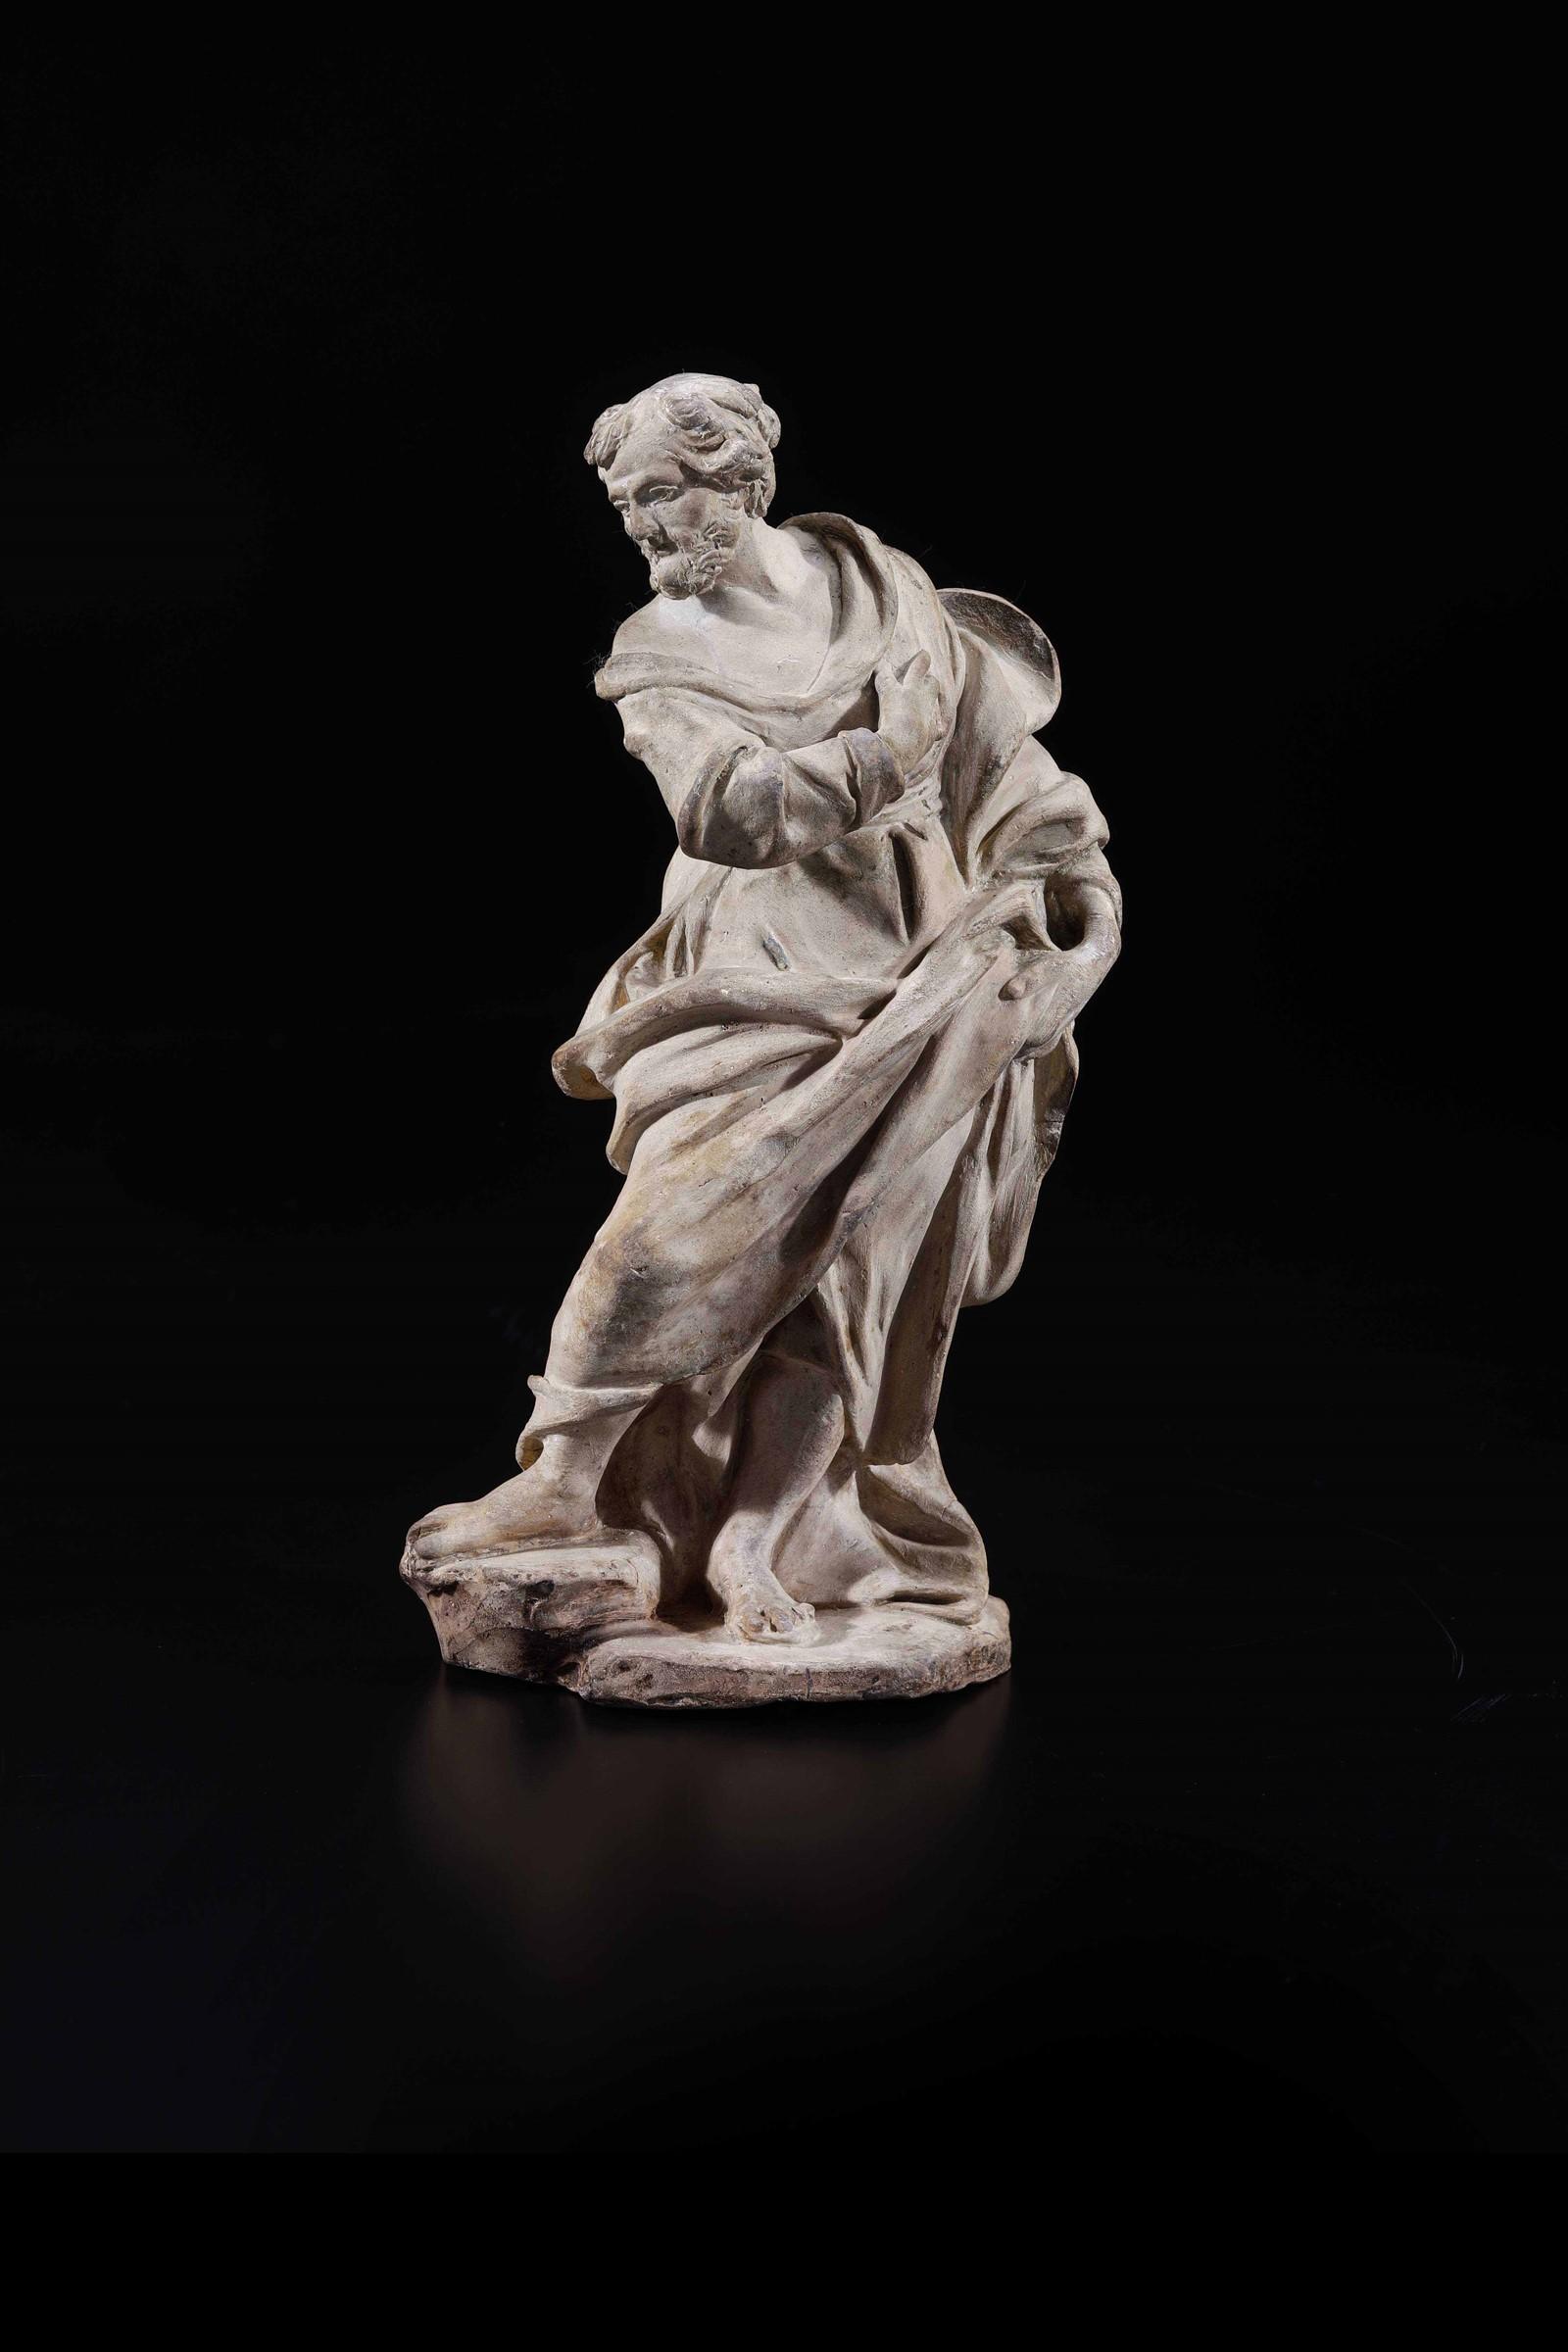 A terracotta Saint, attr. Mazza, Bologna, 1700s - altezza cm 23 -